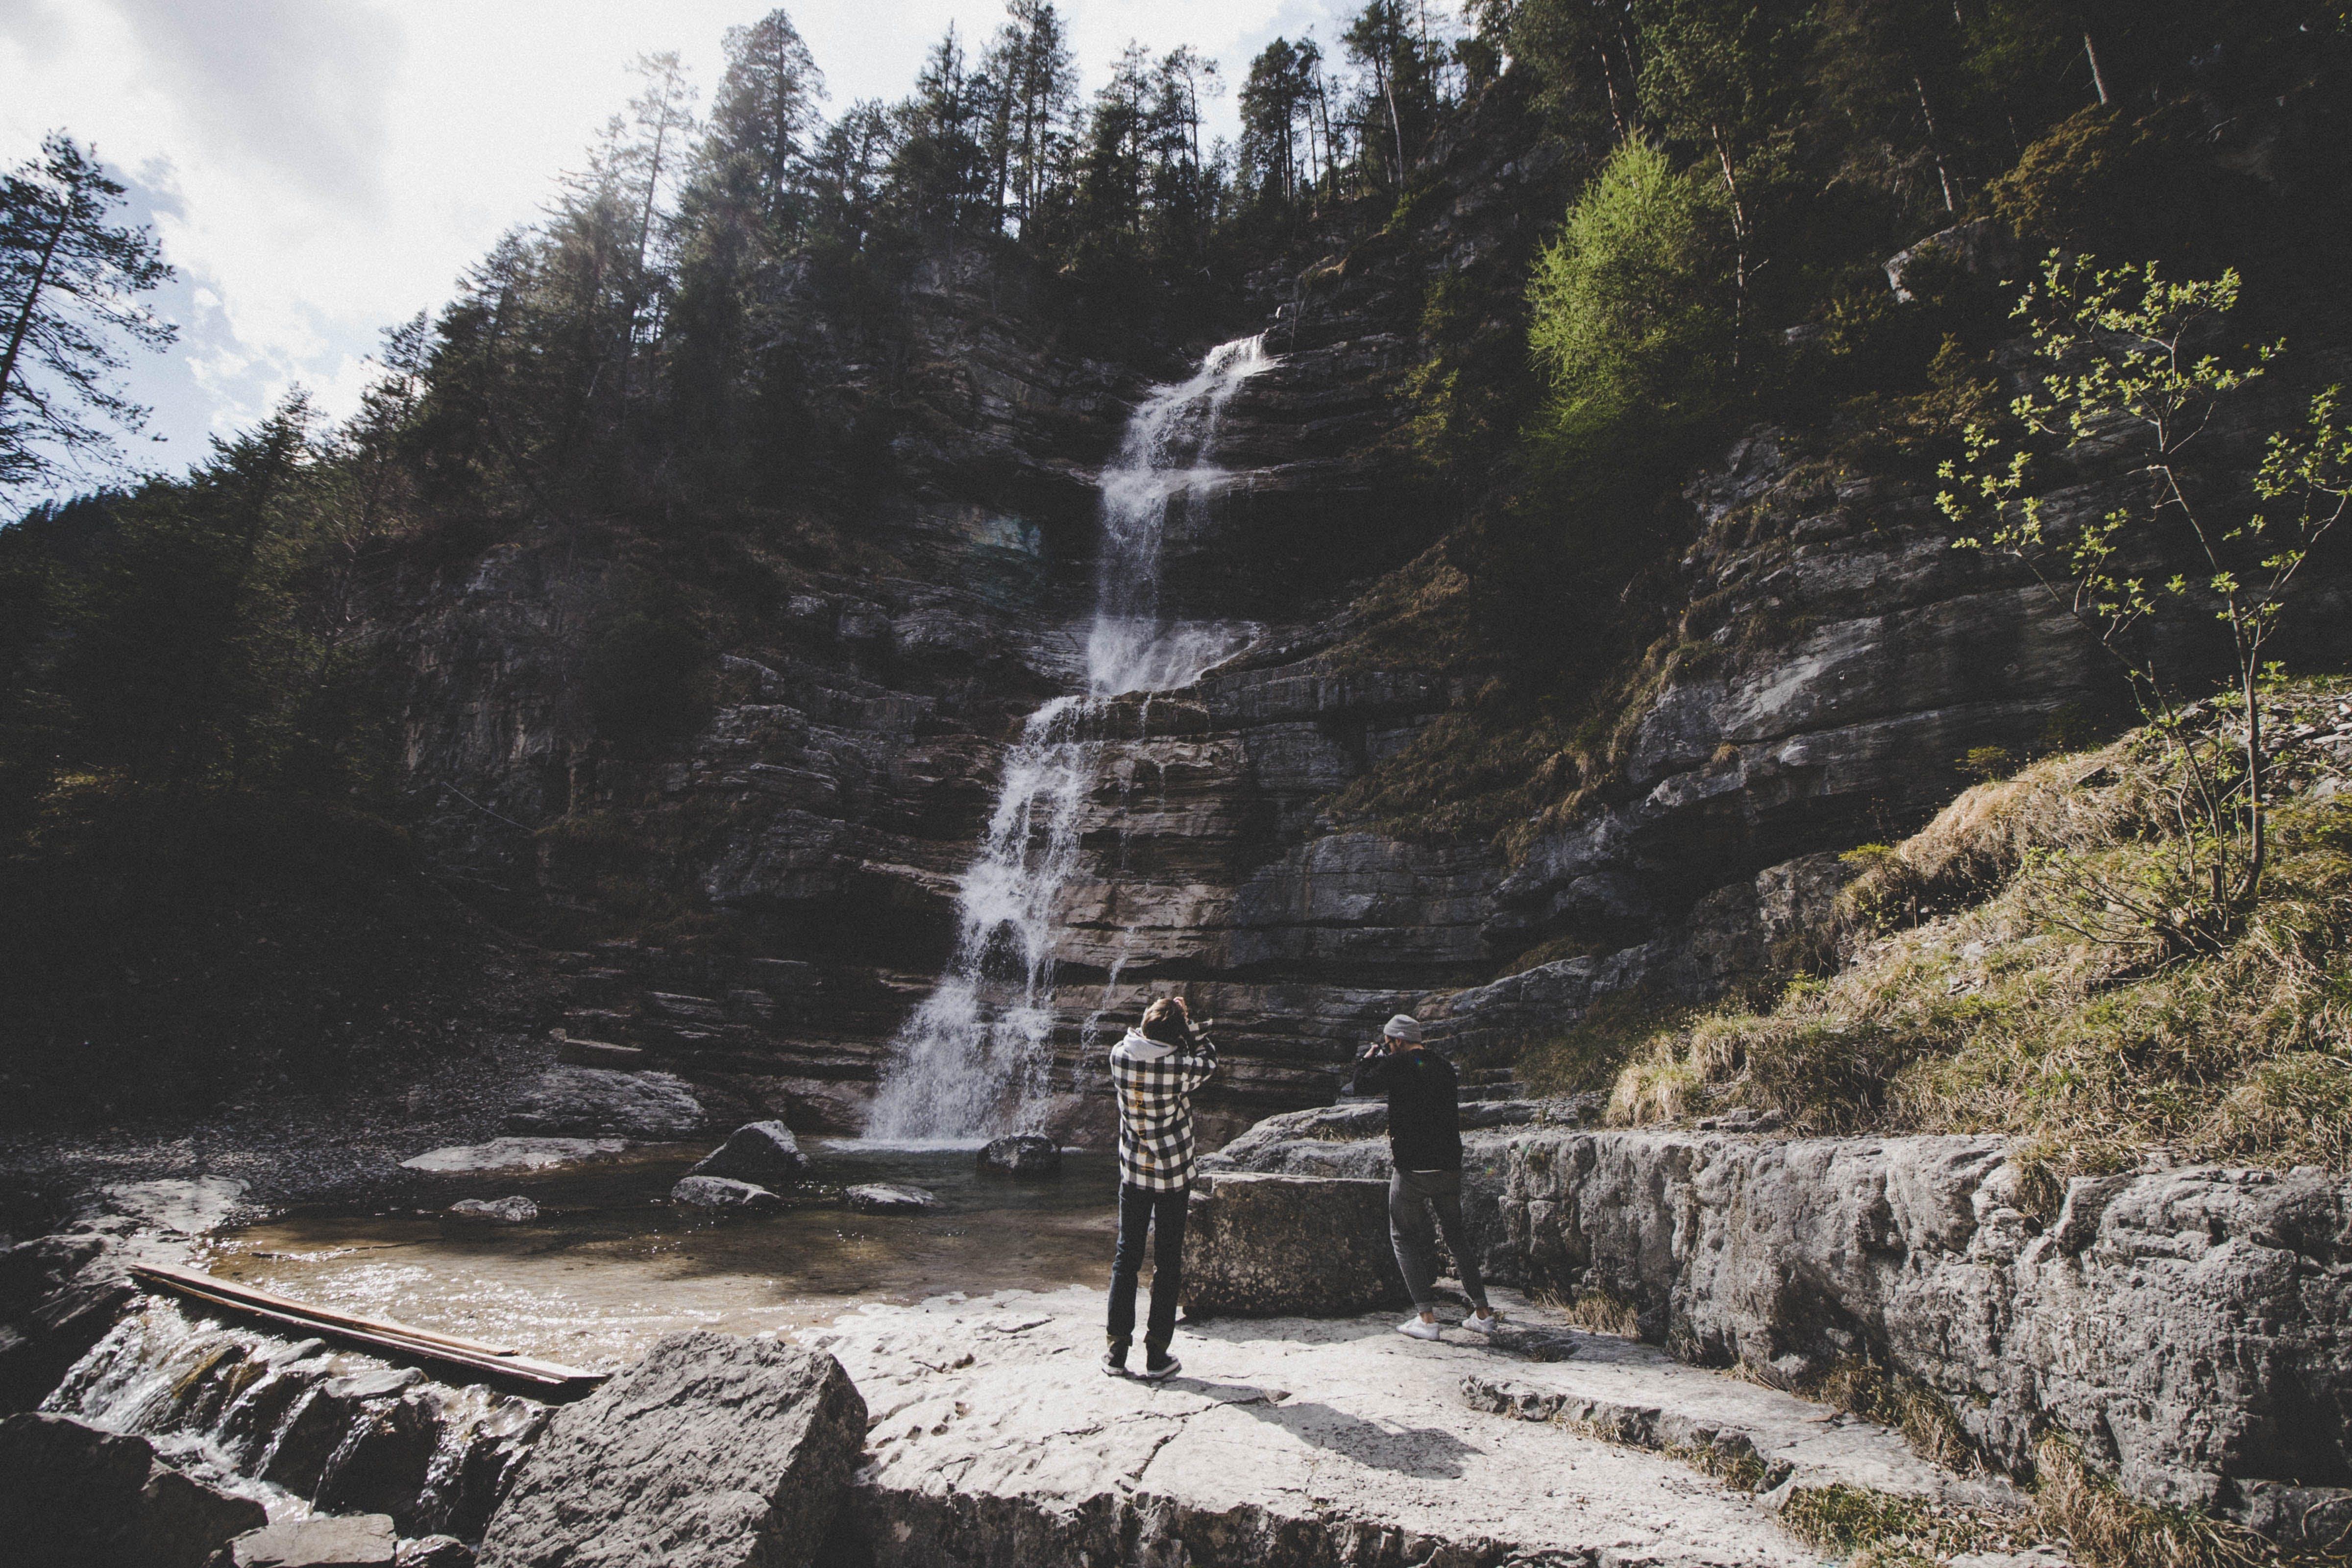 Two Man Taking Photo of Waterfalls